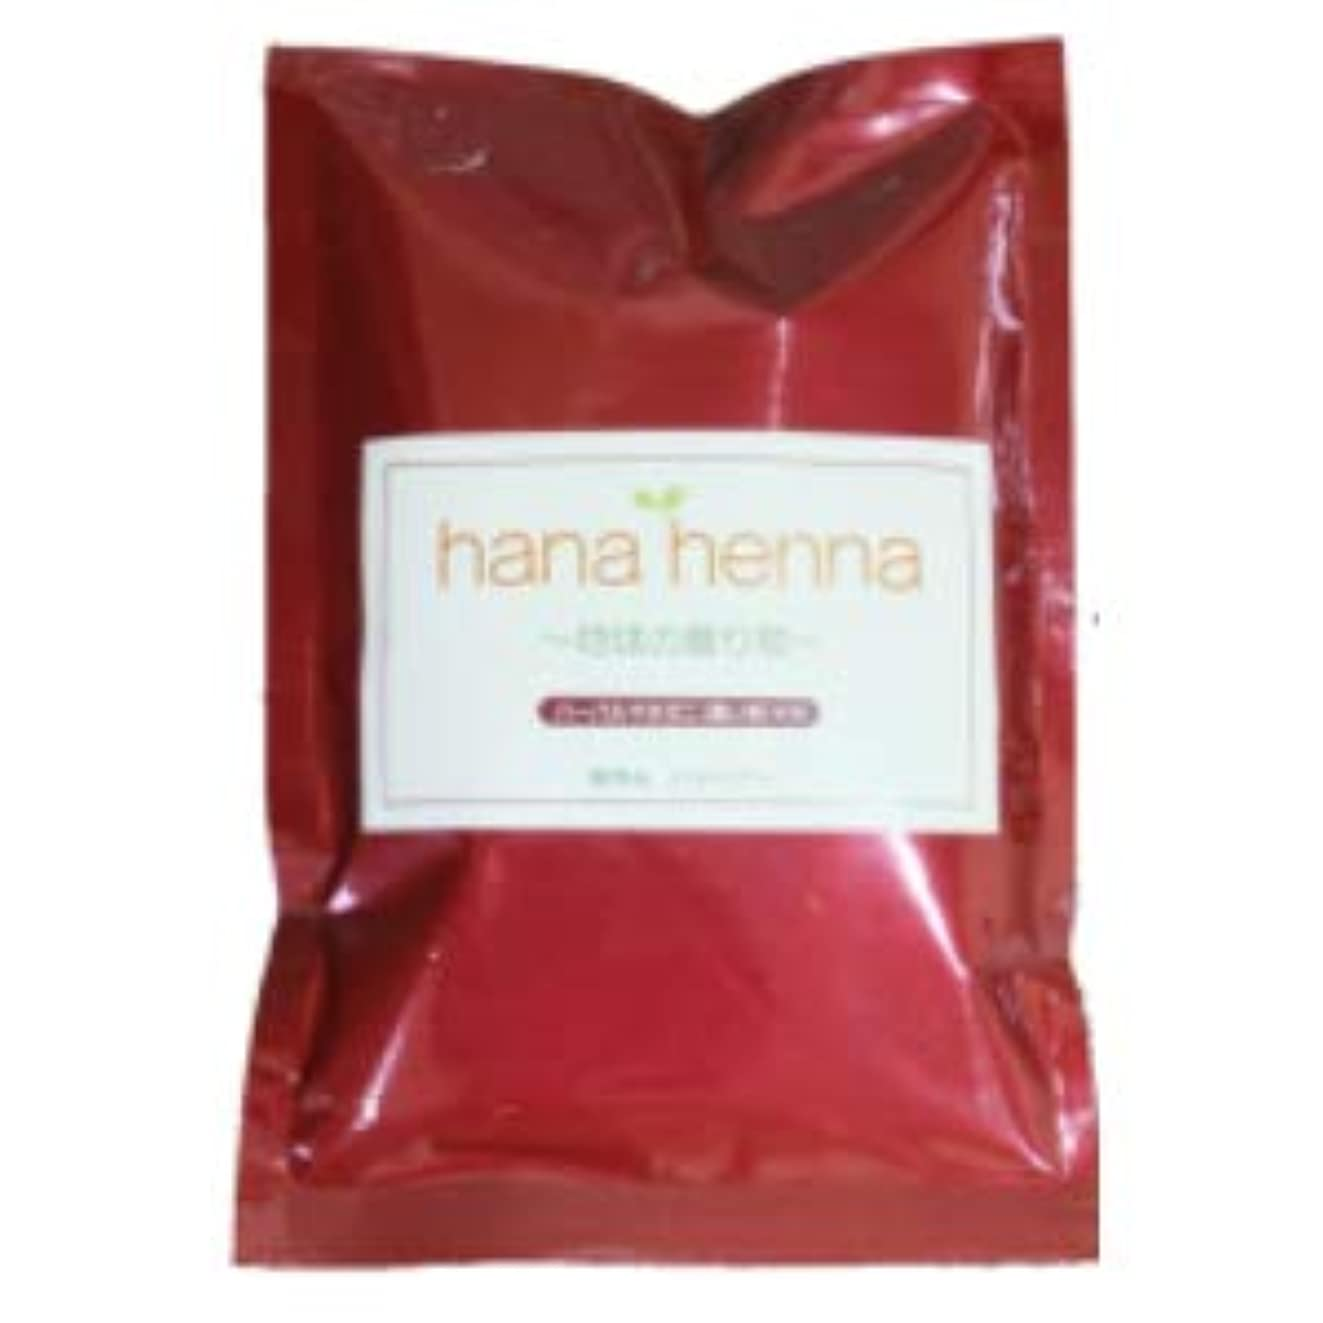 引き渡すヒューマニスティックフィドル?hana henna?ハナヘナ ハーバルマホガニー(濃い茶) (100g)